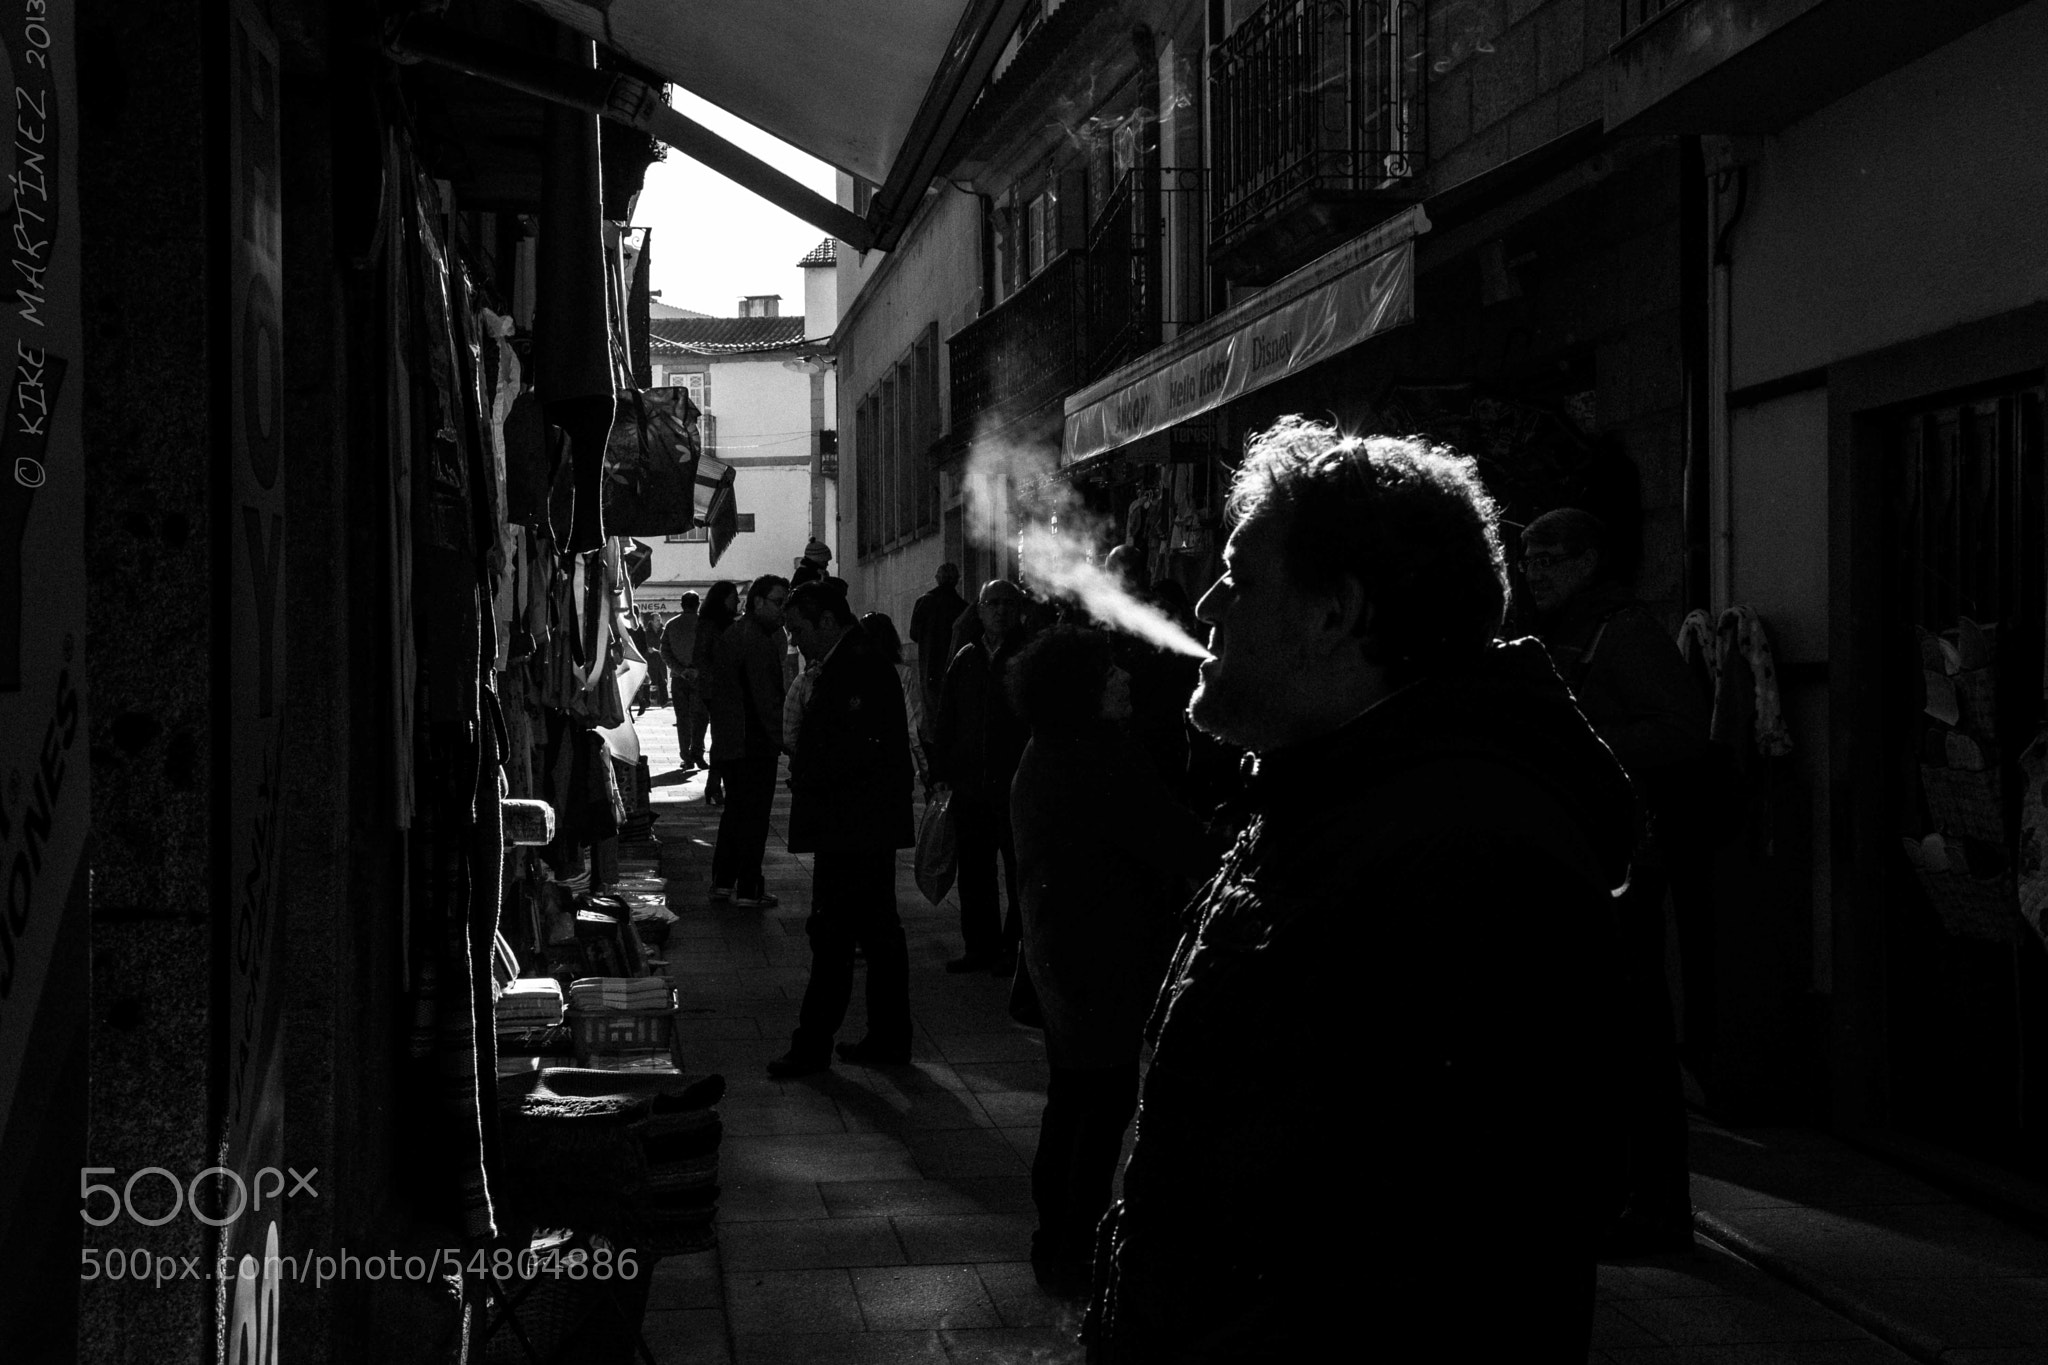 Photograph SMOKING 2 by Kike Martínez  on 500px